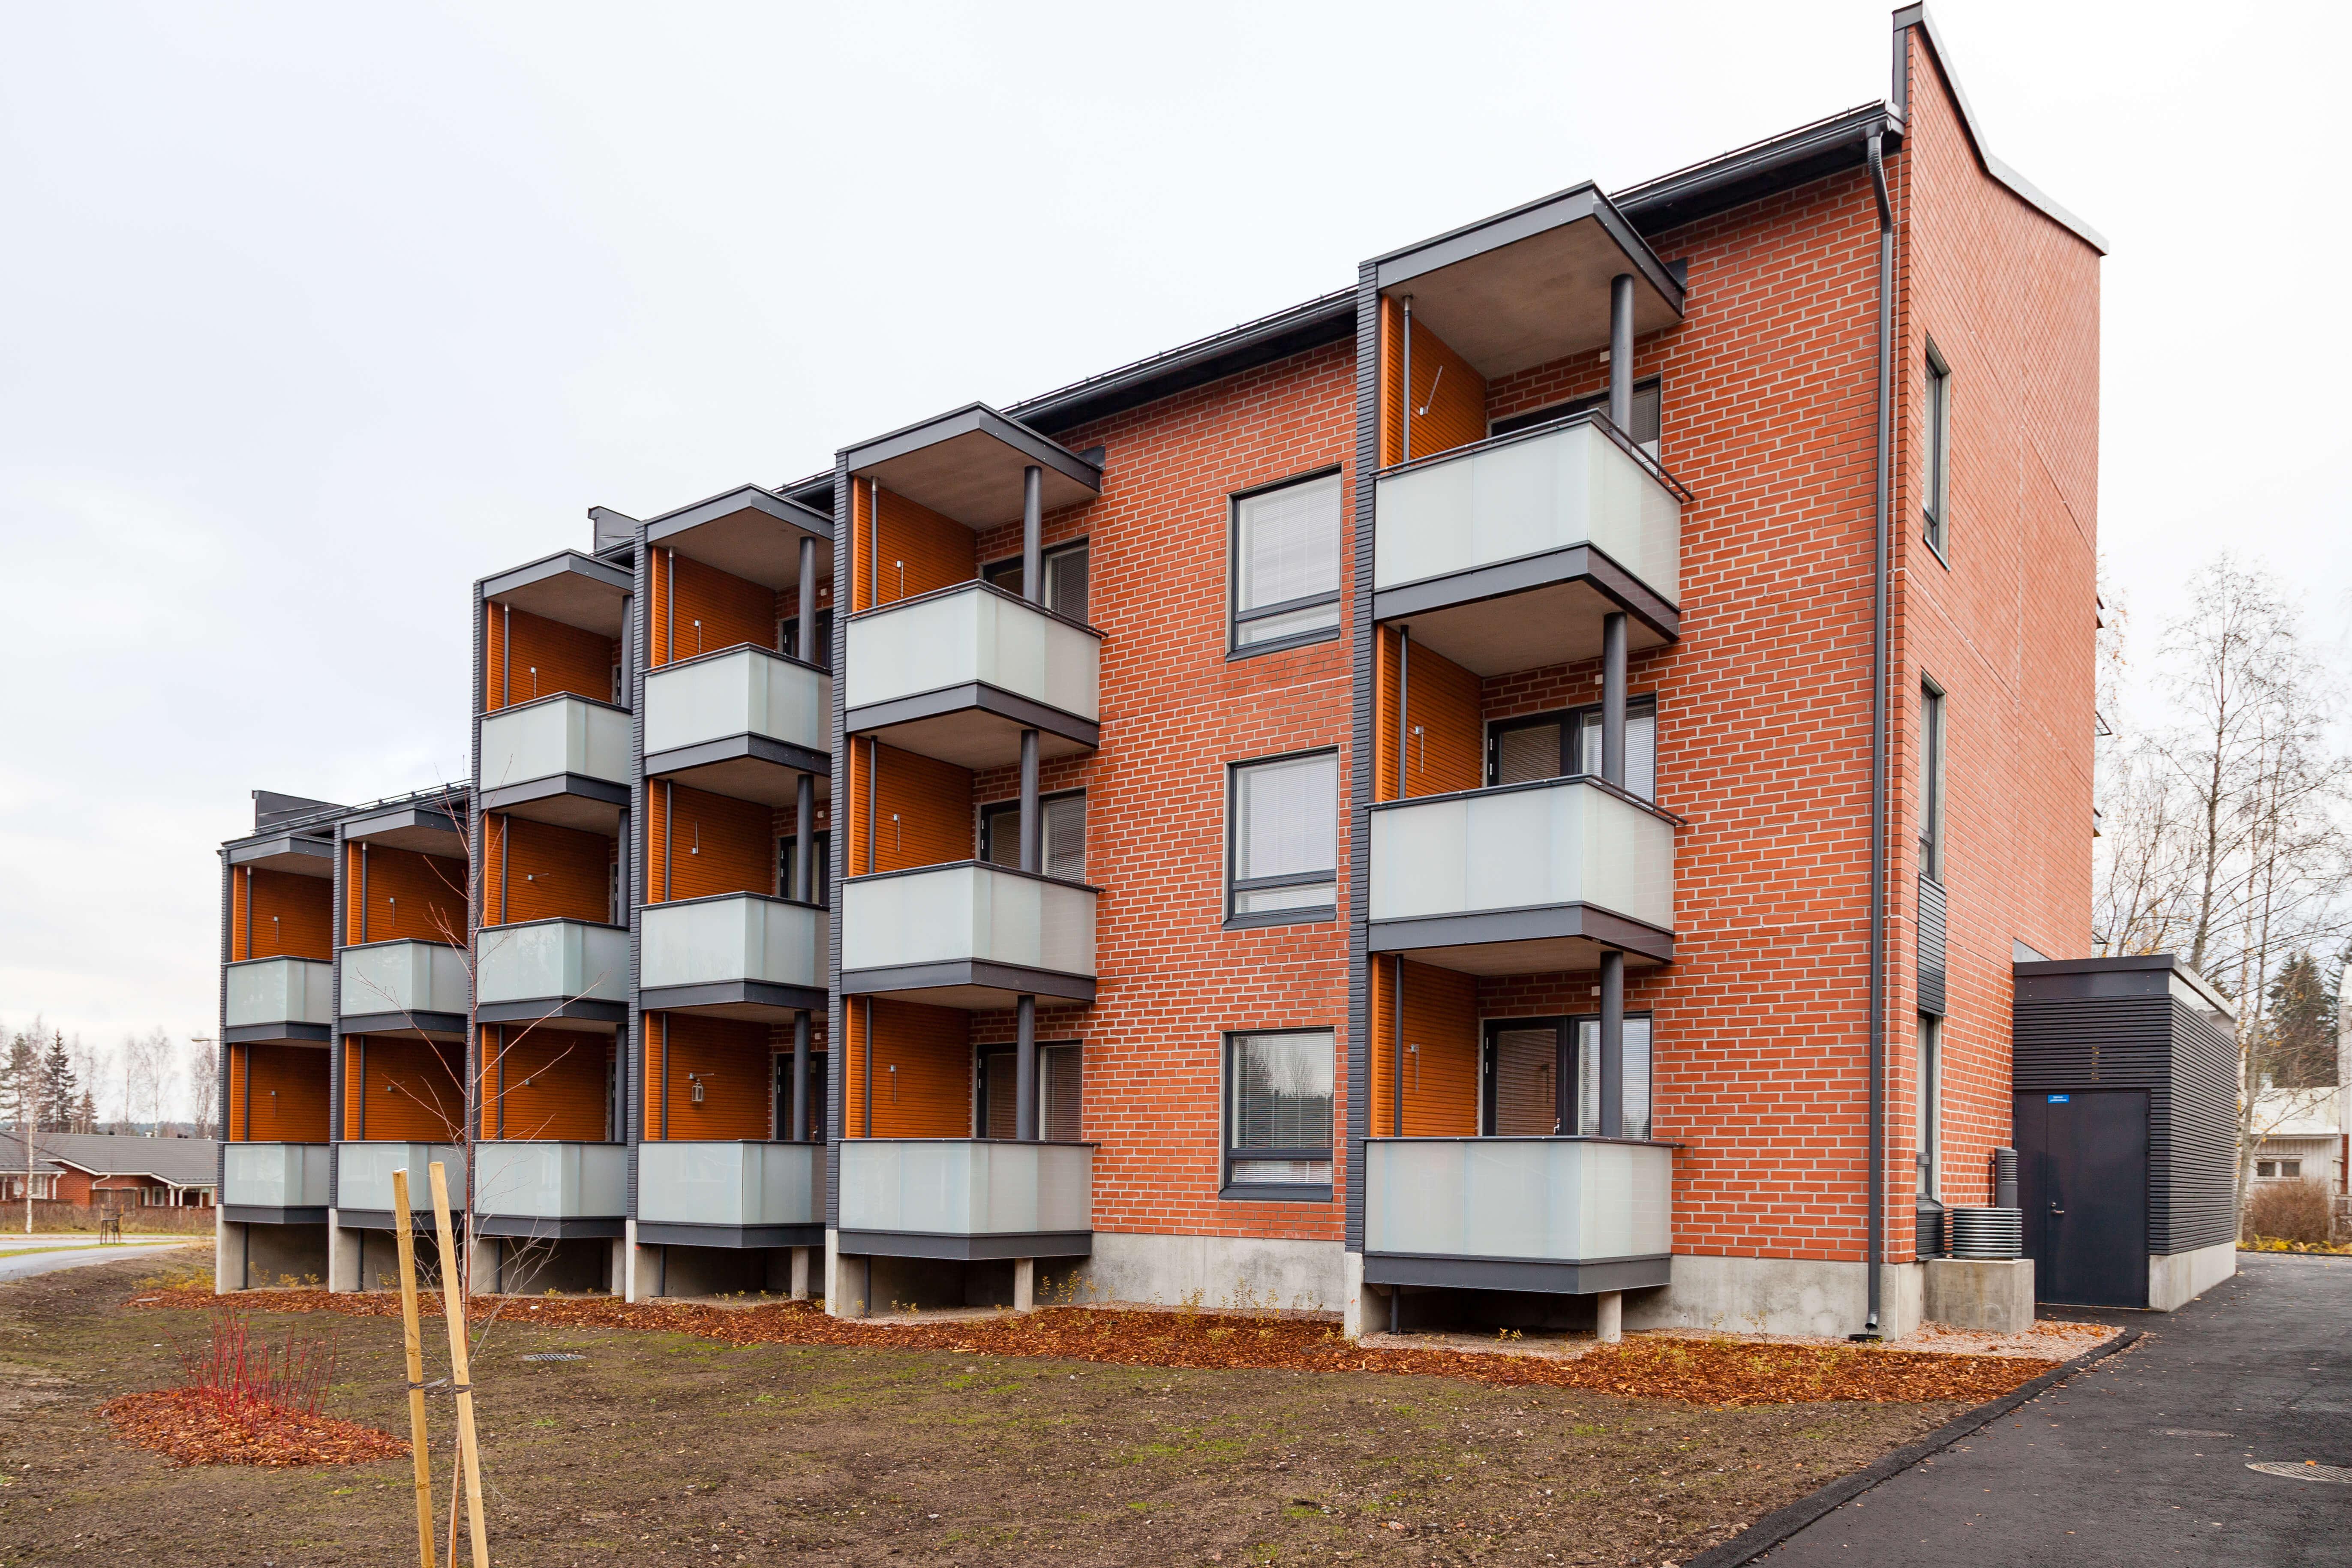 Nuorisosäätiö Lahti